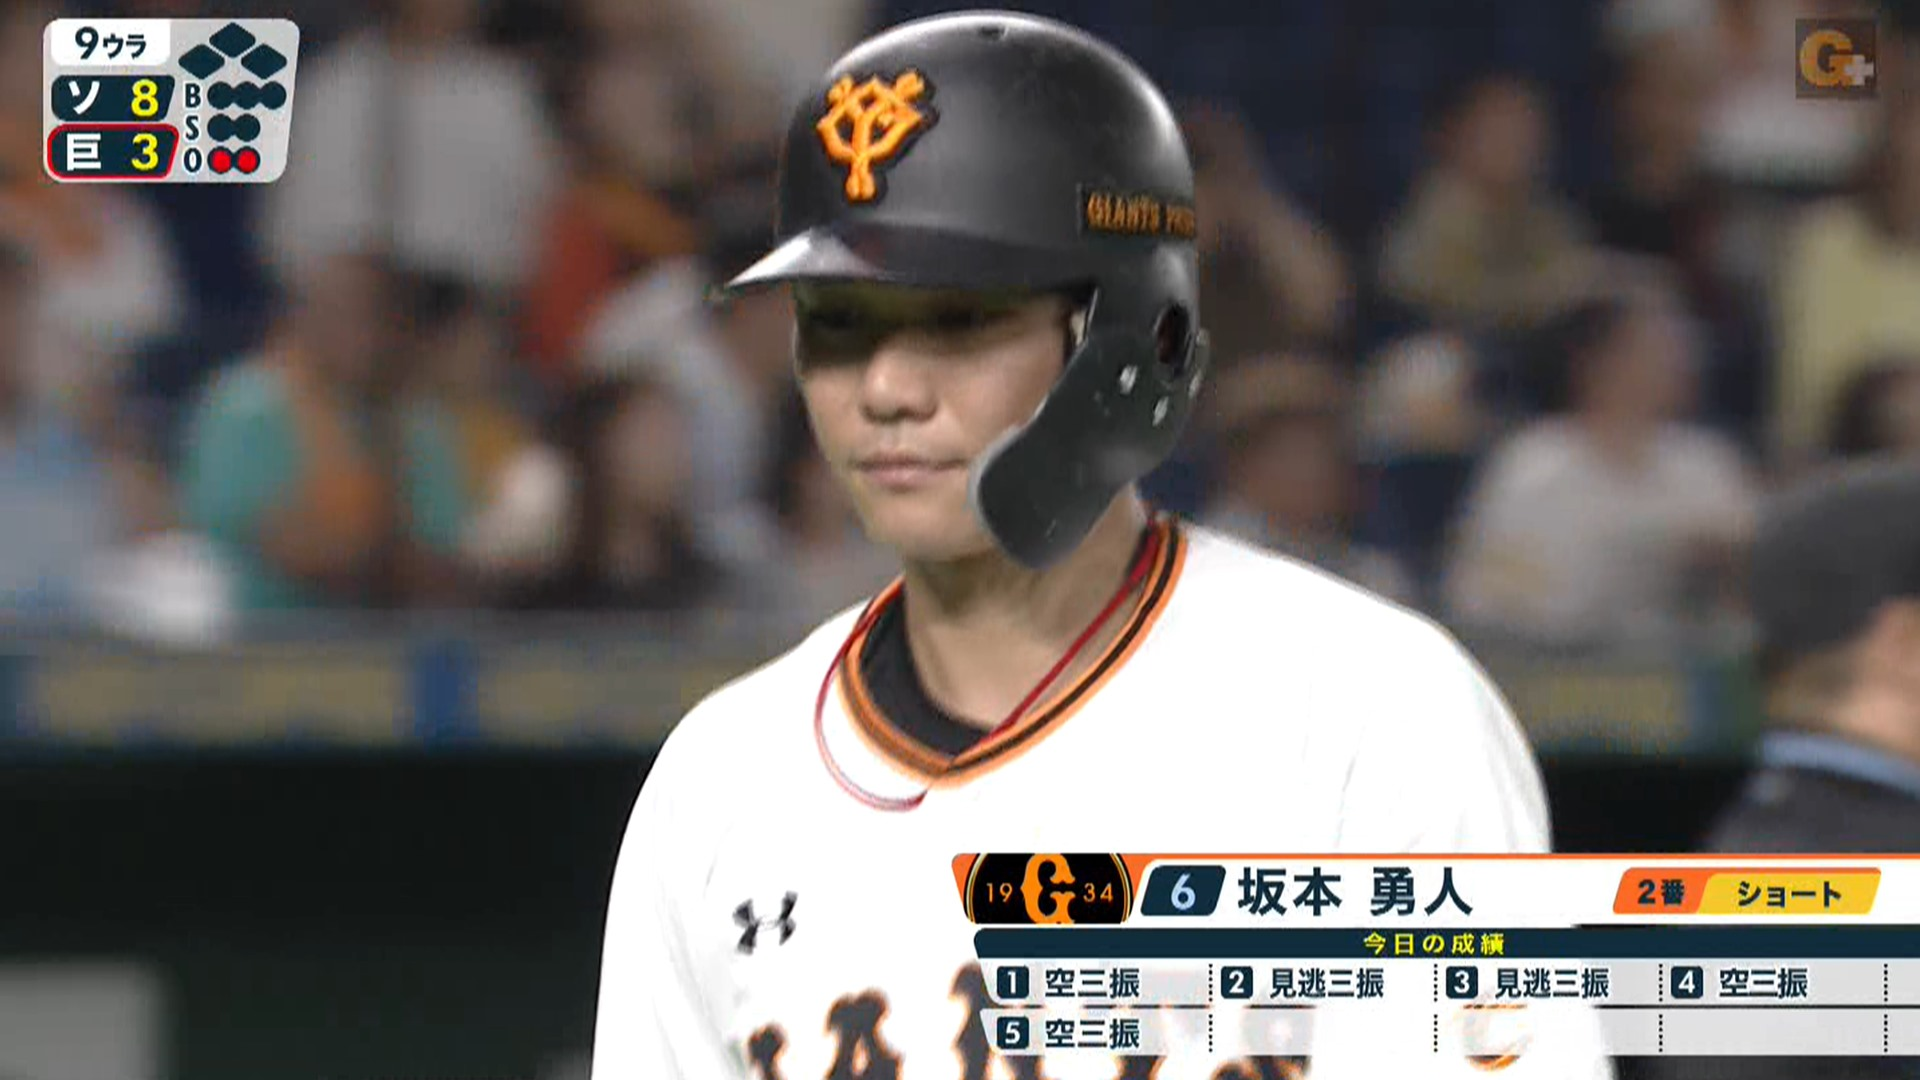 坂本勇人、プロ野球タイ記録の1試合5三振 打率3割を切る